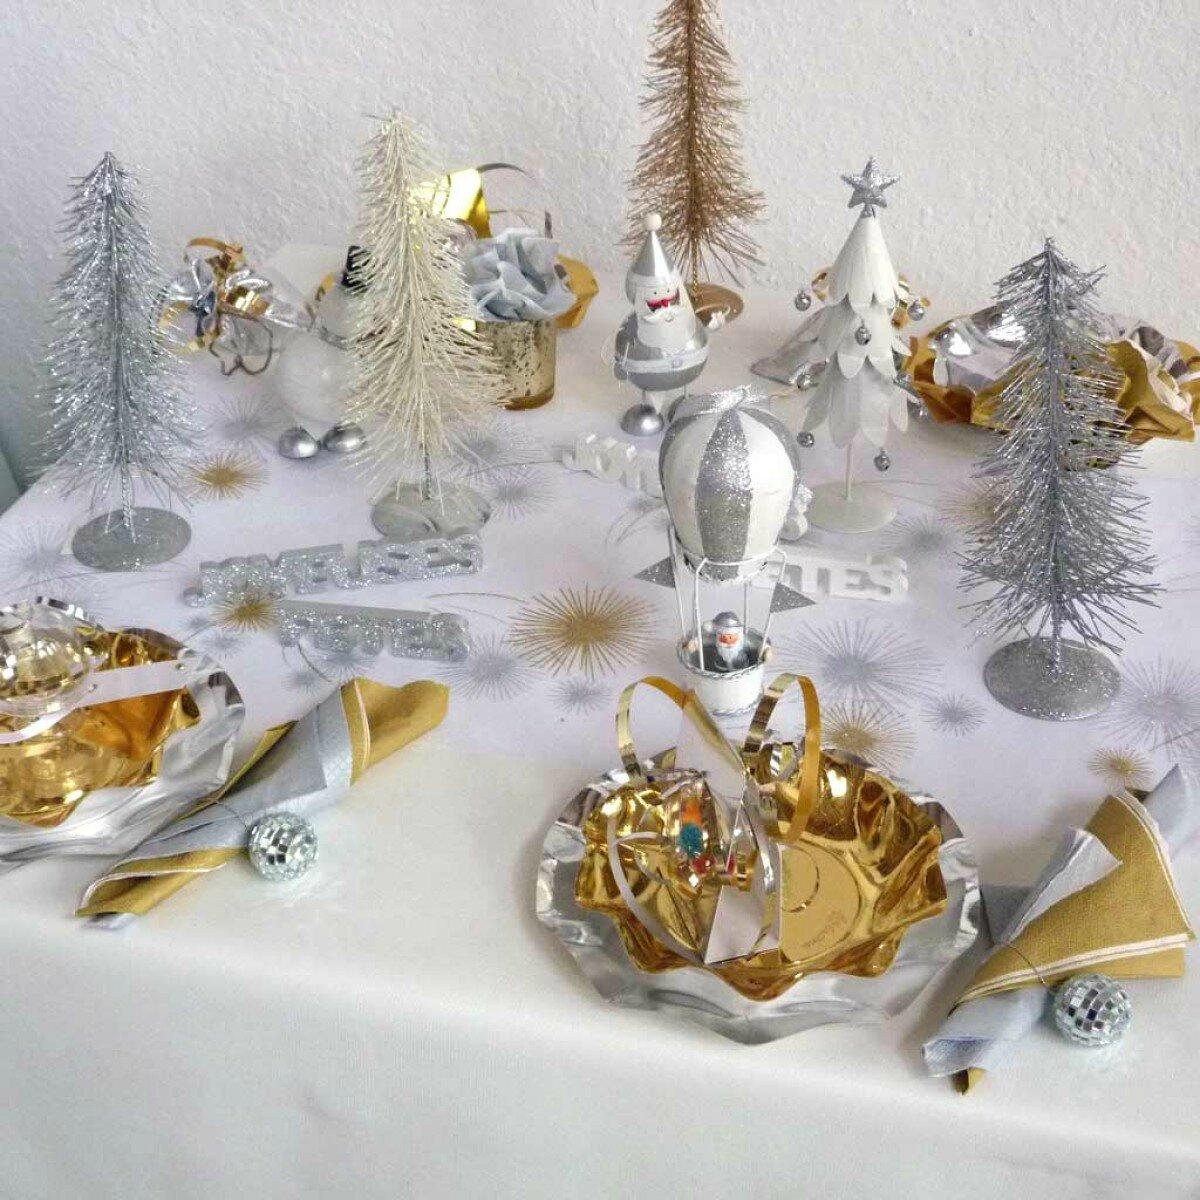 Jour de l 39 an d co de table les petites bricoles de gwenk - Decoration table reveillon jour de l an ...